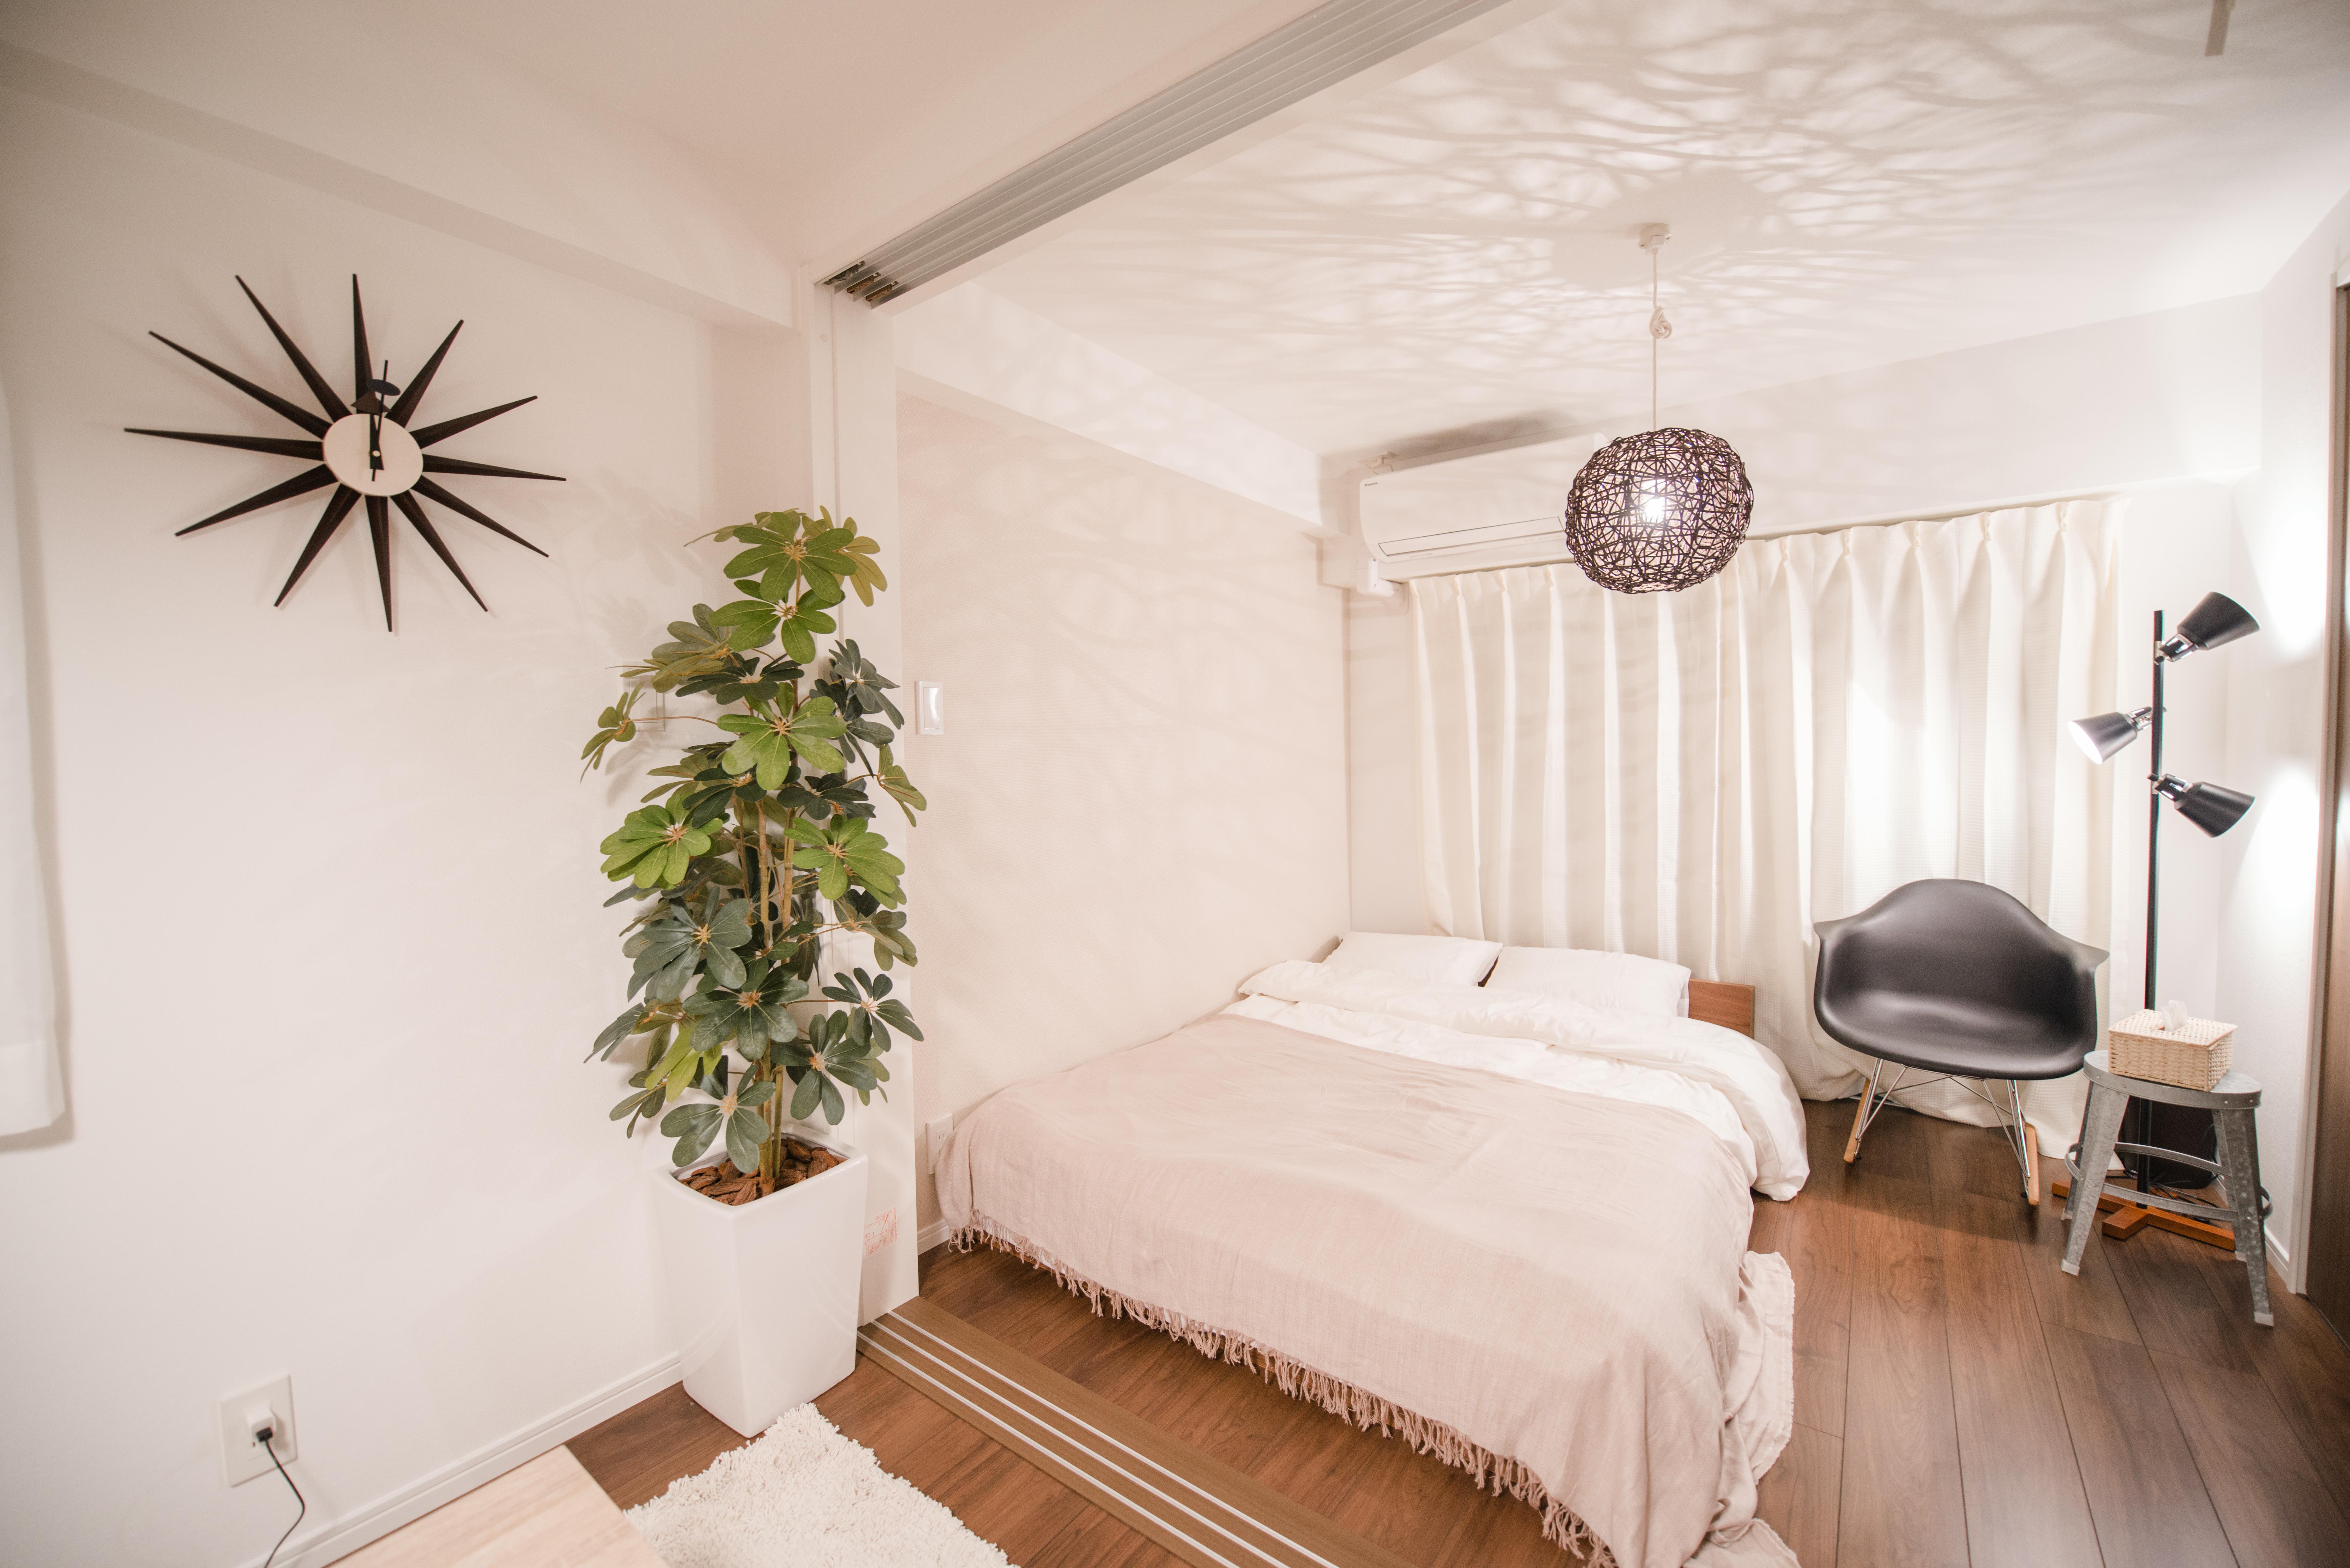 民泊 インテリアコーディネート例 大きいベッドでくつろいで